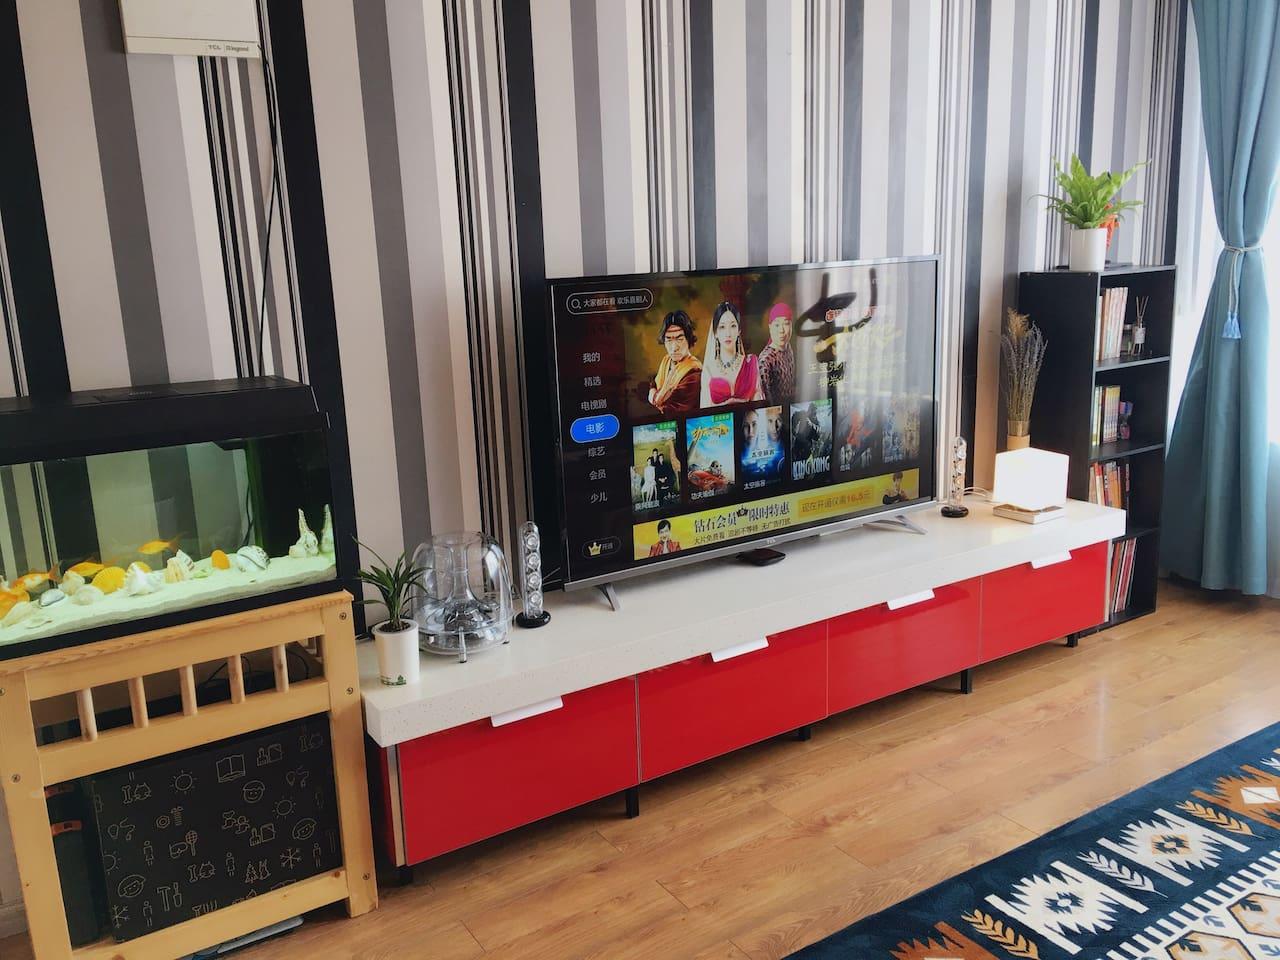 客厅A 58寸4K电视